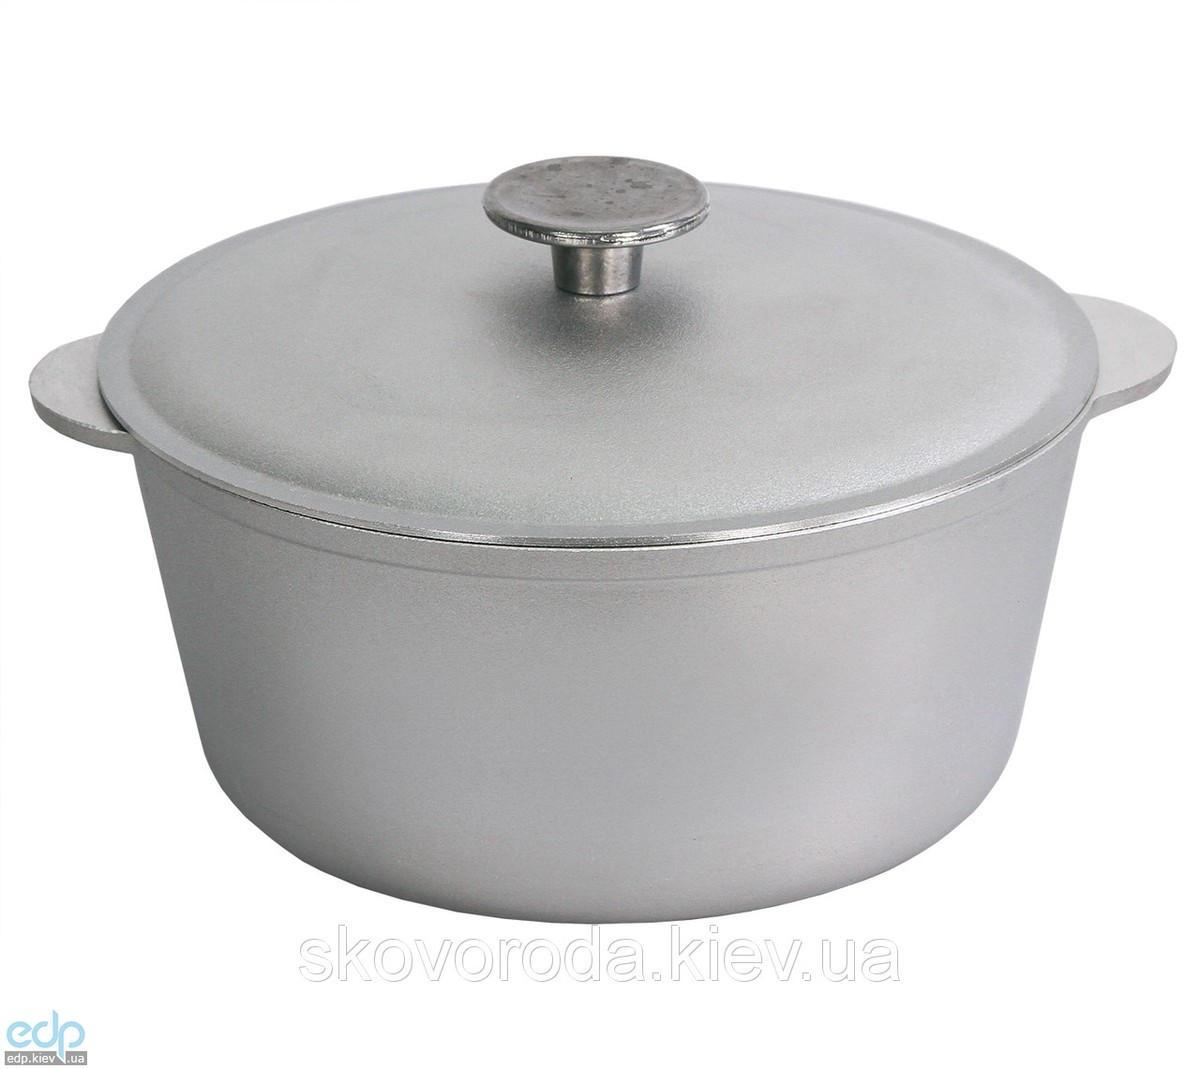 Биол - Кастрюля с крышкой алюминий диаметр 17 см объем 1.5 л (КО150)